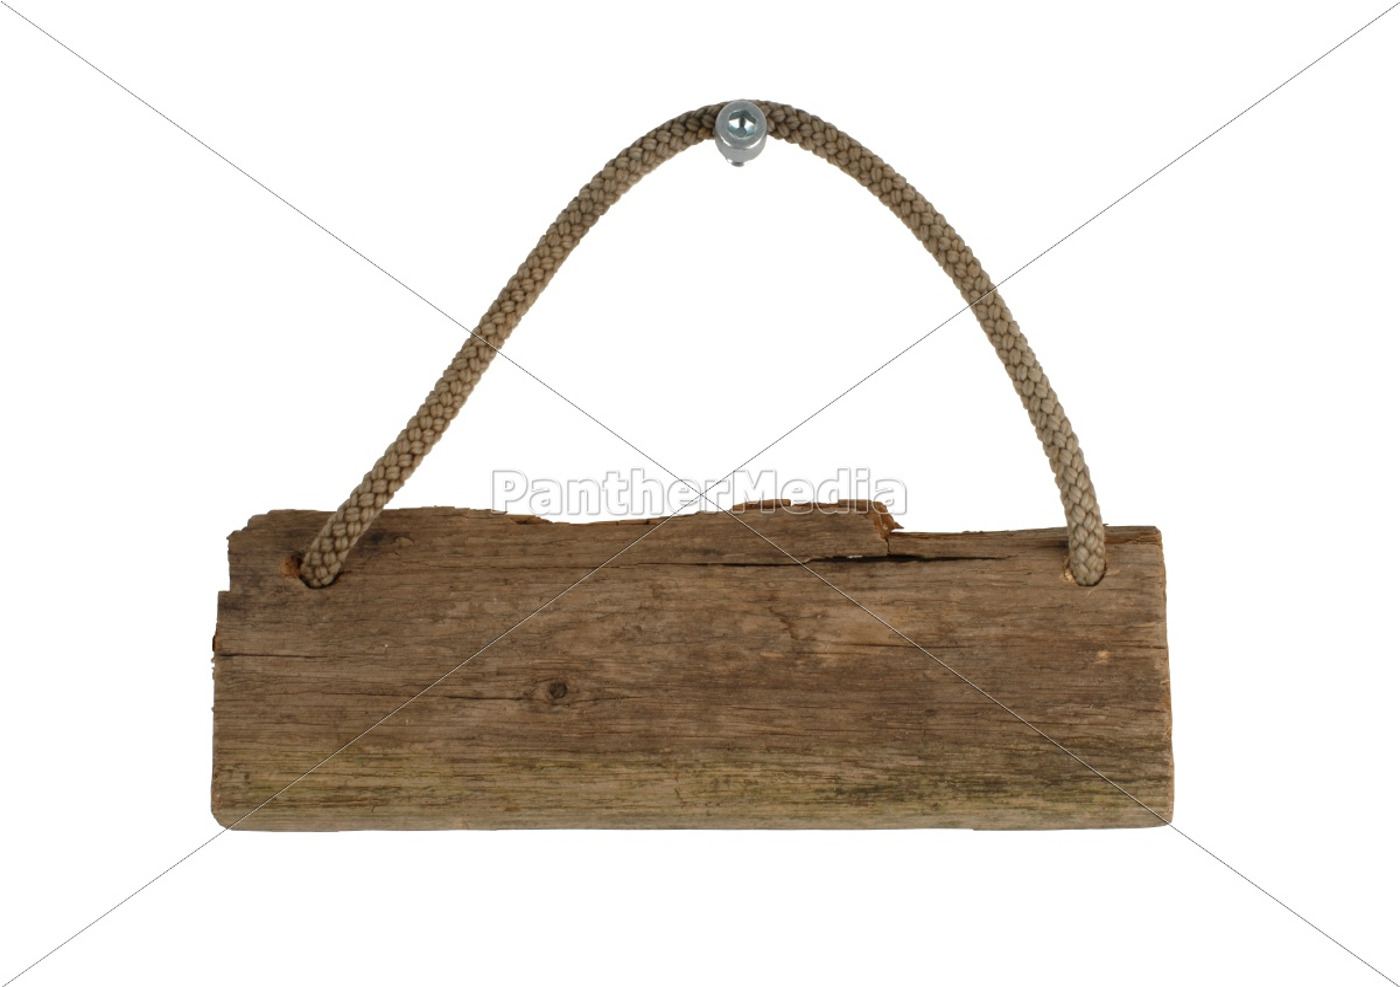 isoliertes altes holzbrett mit seil zum aufhängen - lizenzfreies